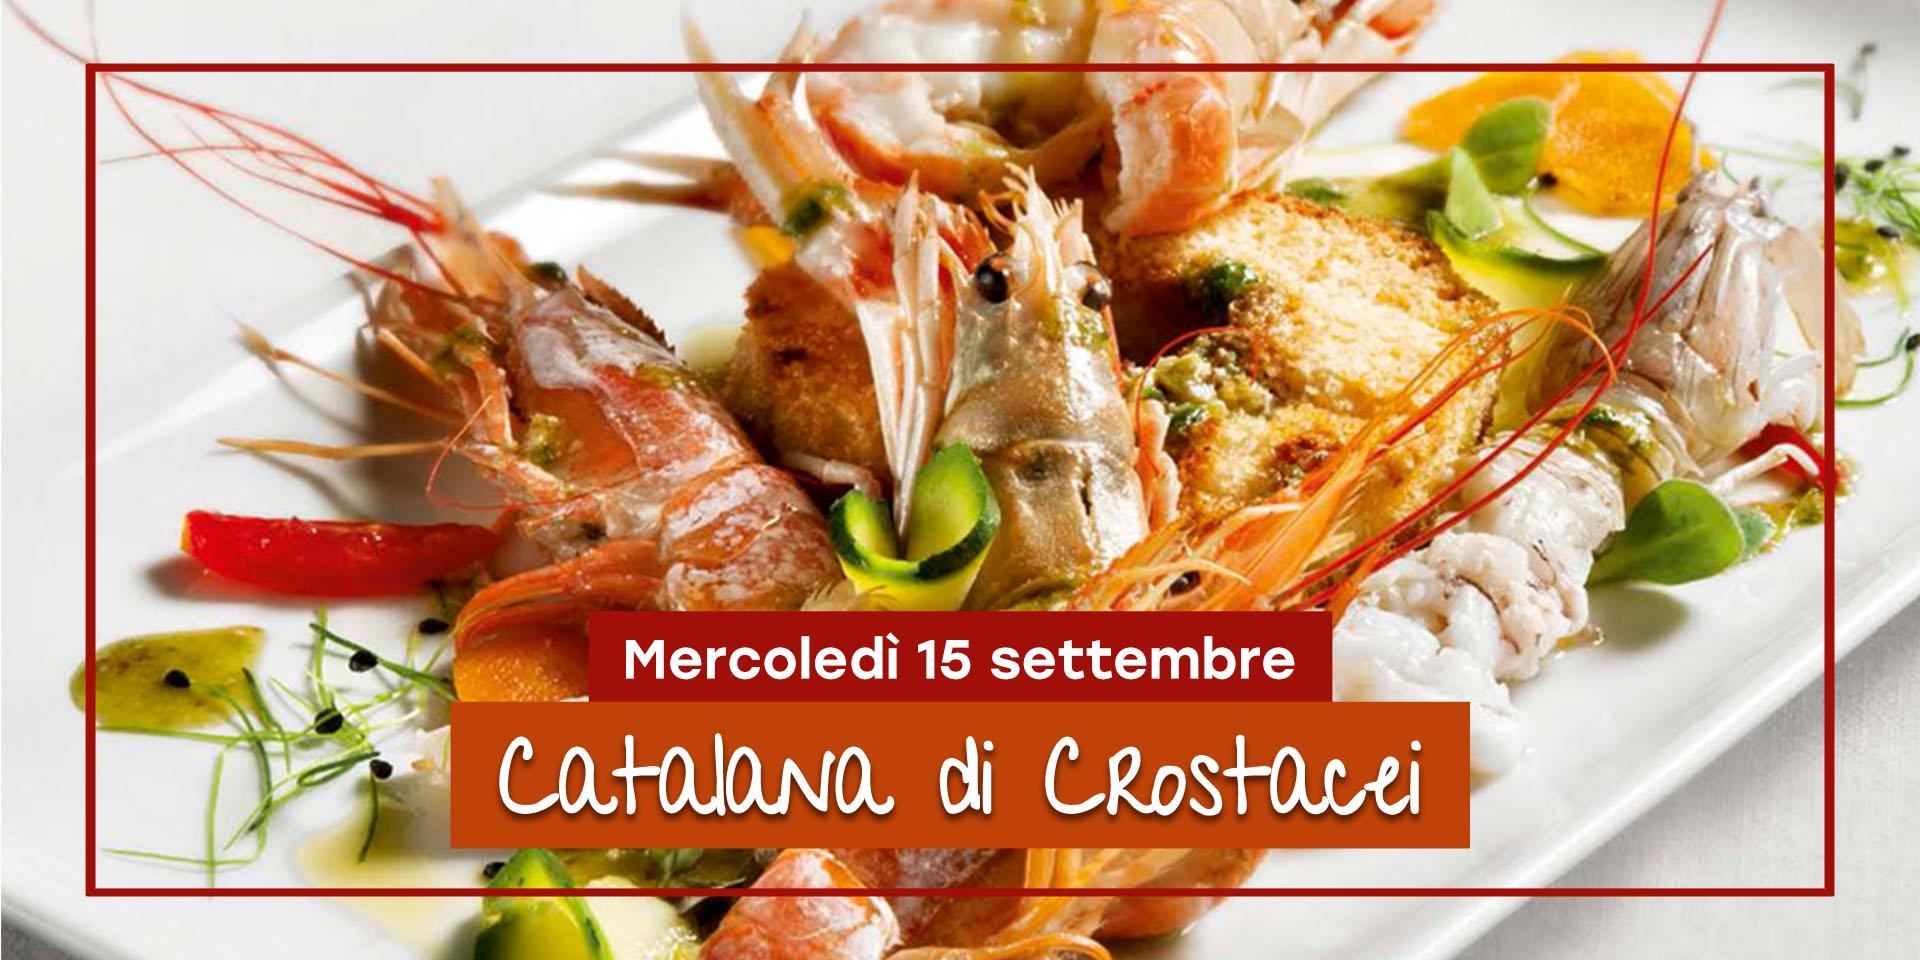 Catalana di crostacei || 15 settembre